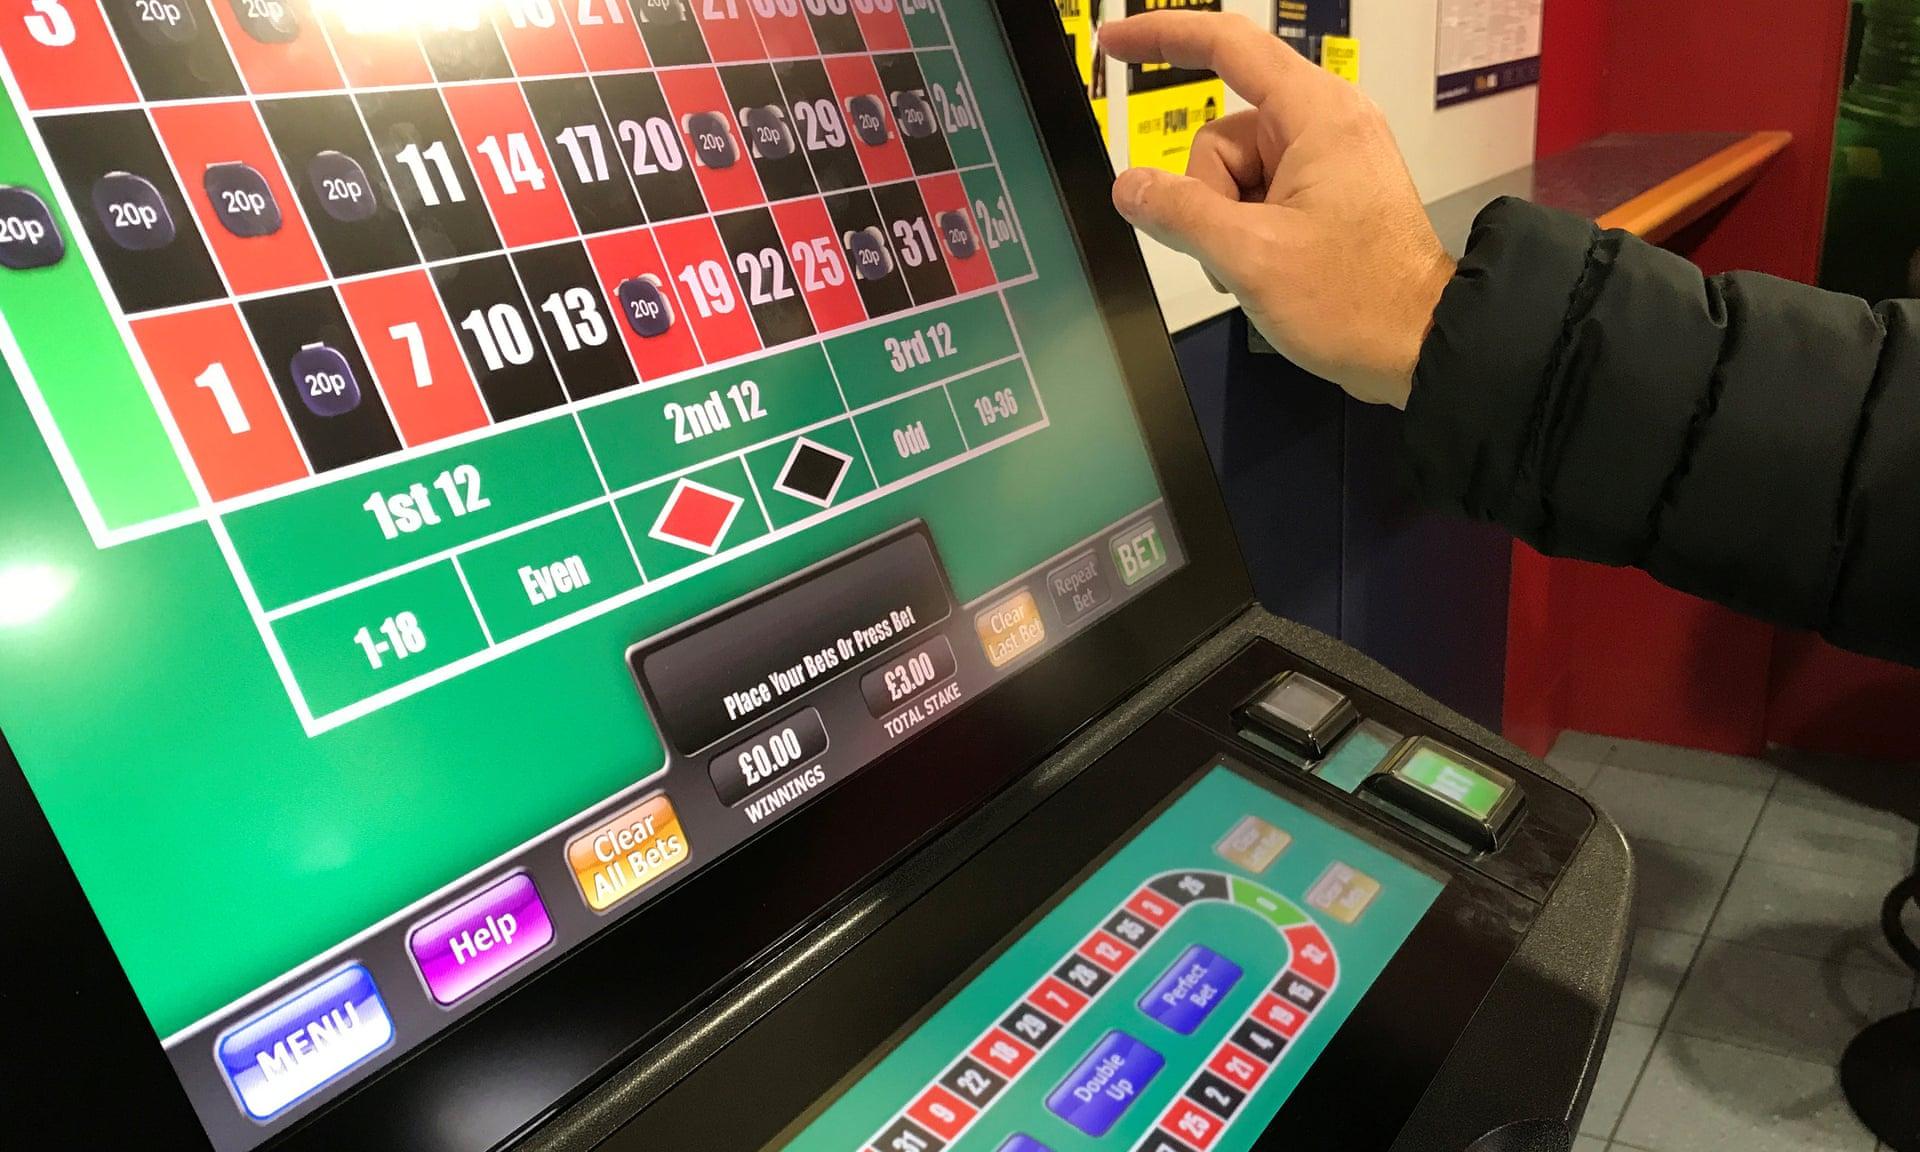 減少傷害 英國禁用信用卡賭博減少傷害 英國禁用信用卡賭博